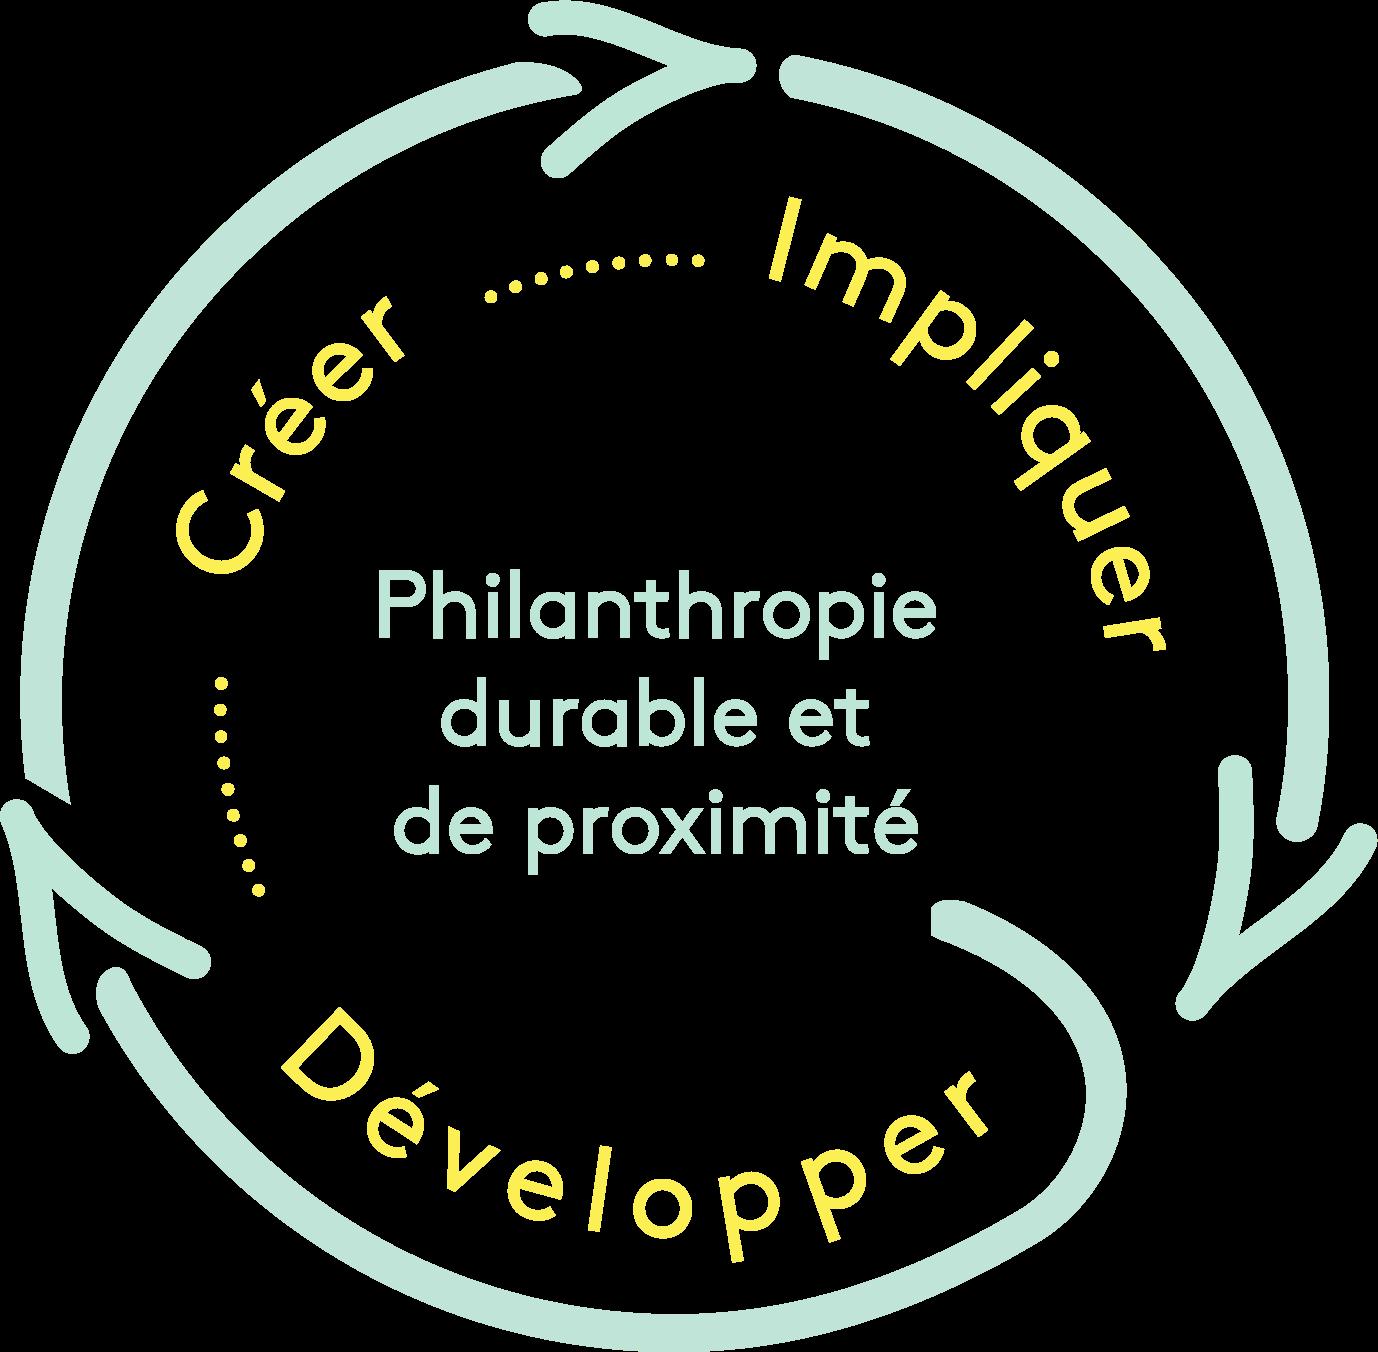 Boucle de la philanthropie durable et de proximité en trois étapes: Développer, créer et impliquer